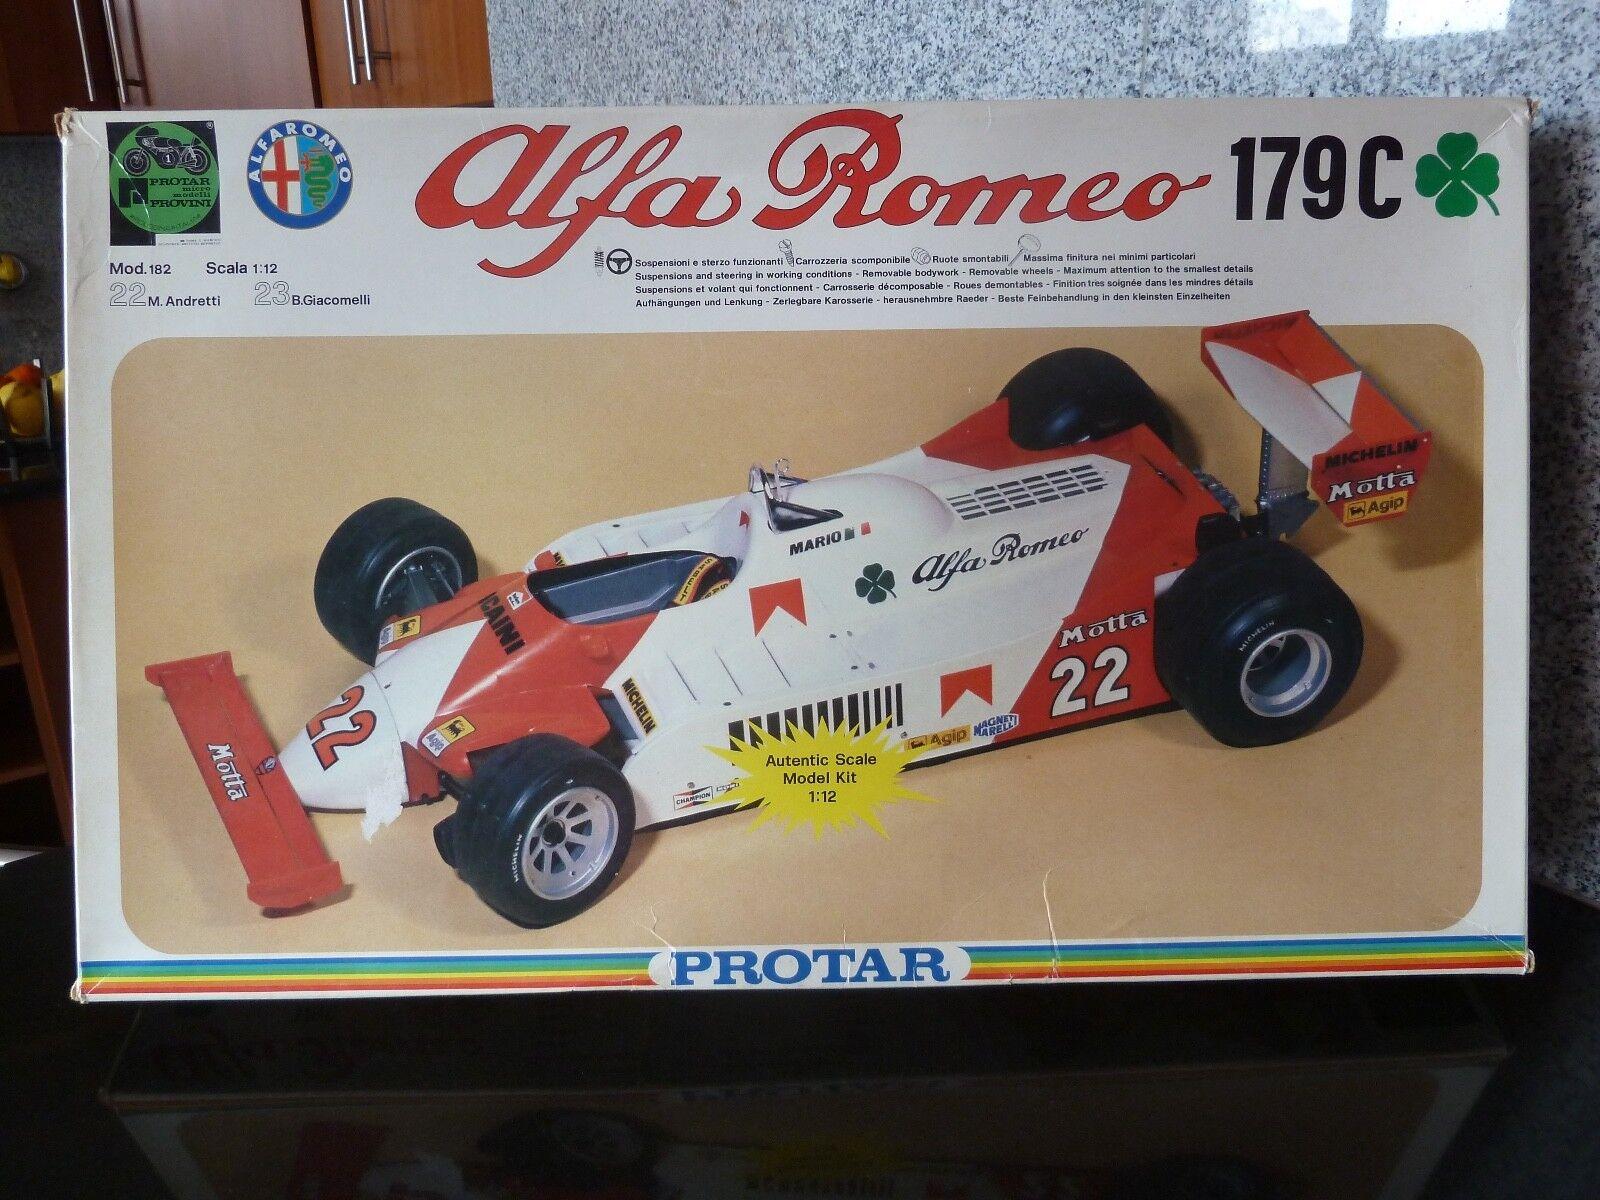 1 12 Prougear, Alfa Romeo 179C (not  Tamiya)  pour pas cher